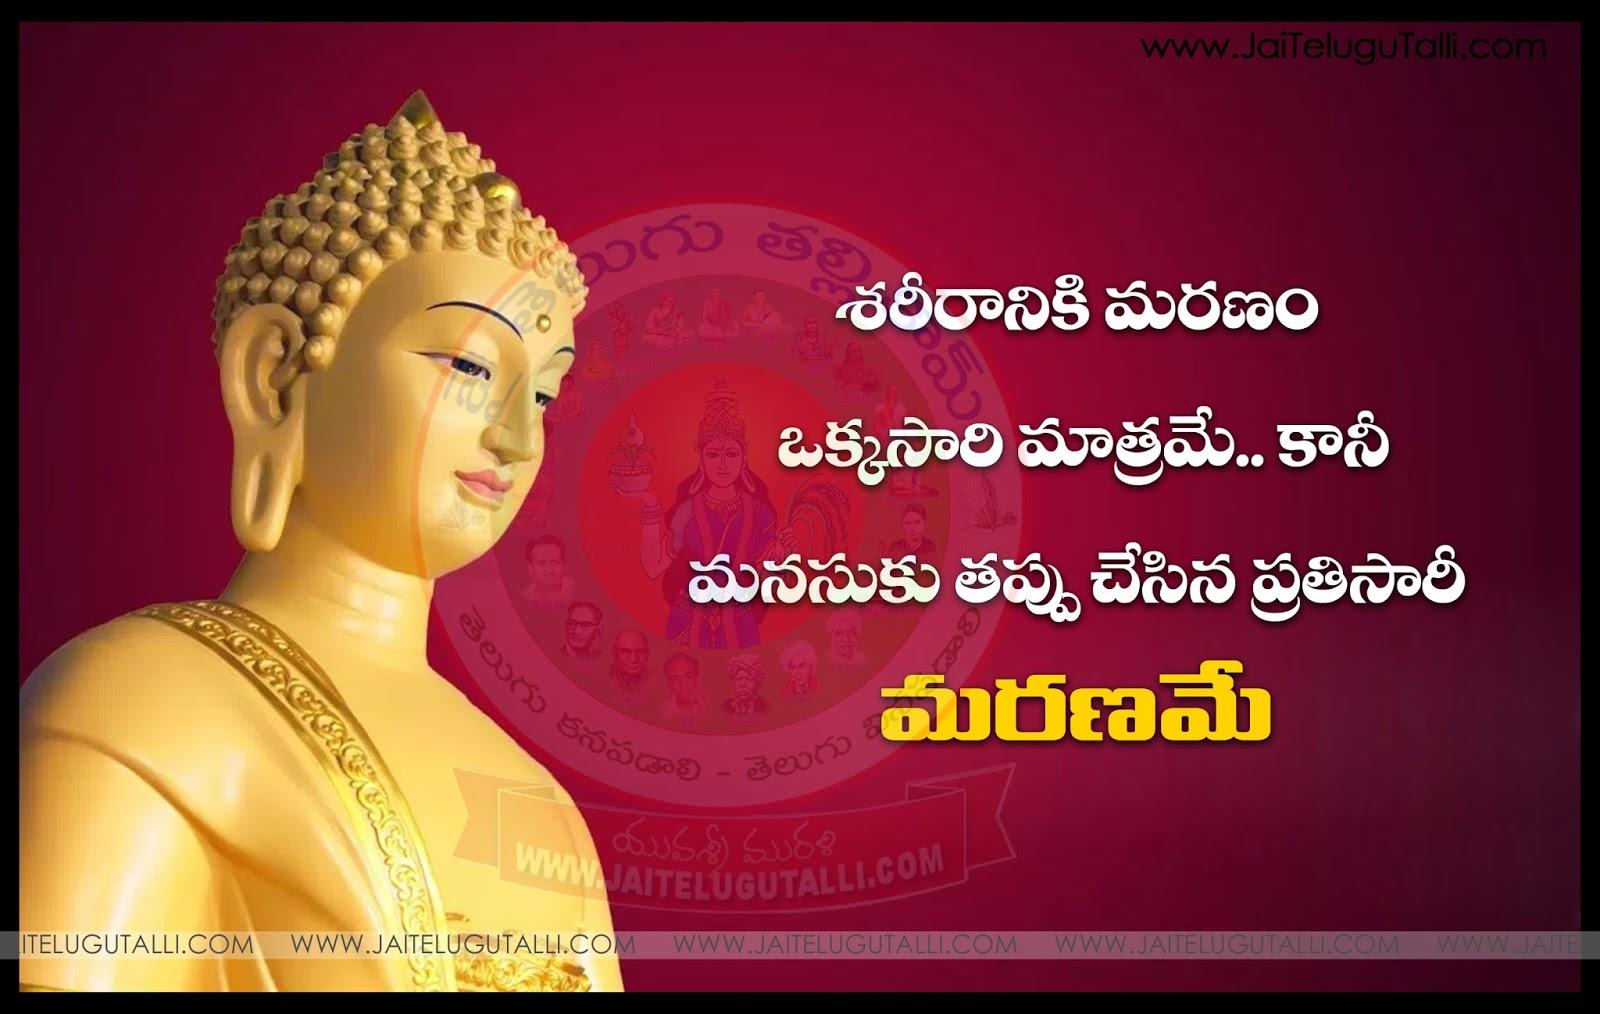 Gautama Buddha Quotes Gauthama Buddha Quotes And Sayings Best Telugu Quotations Images